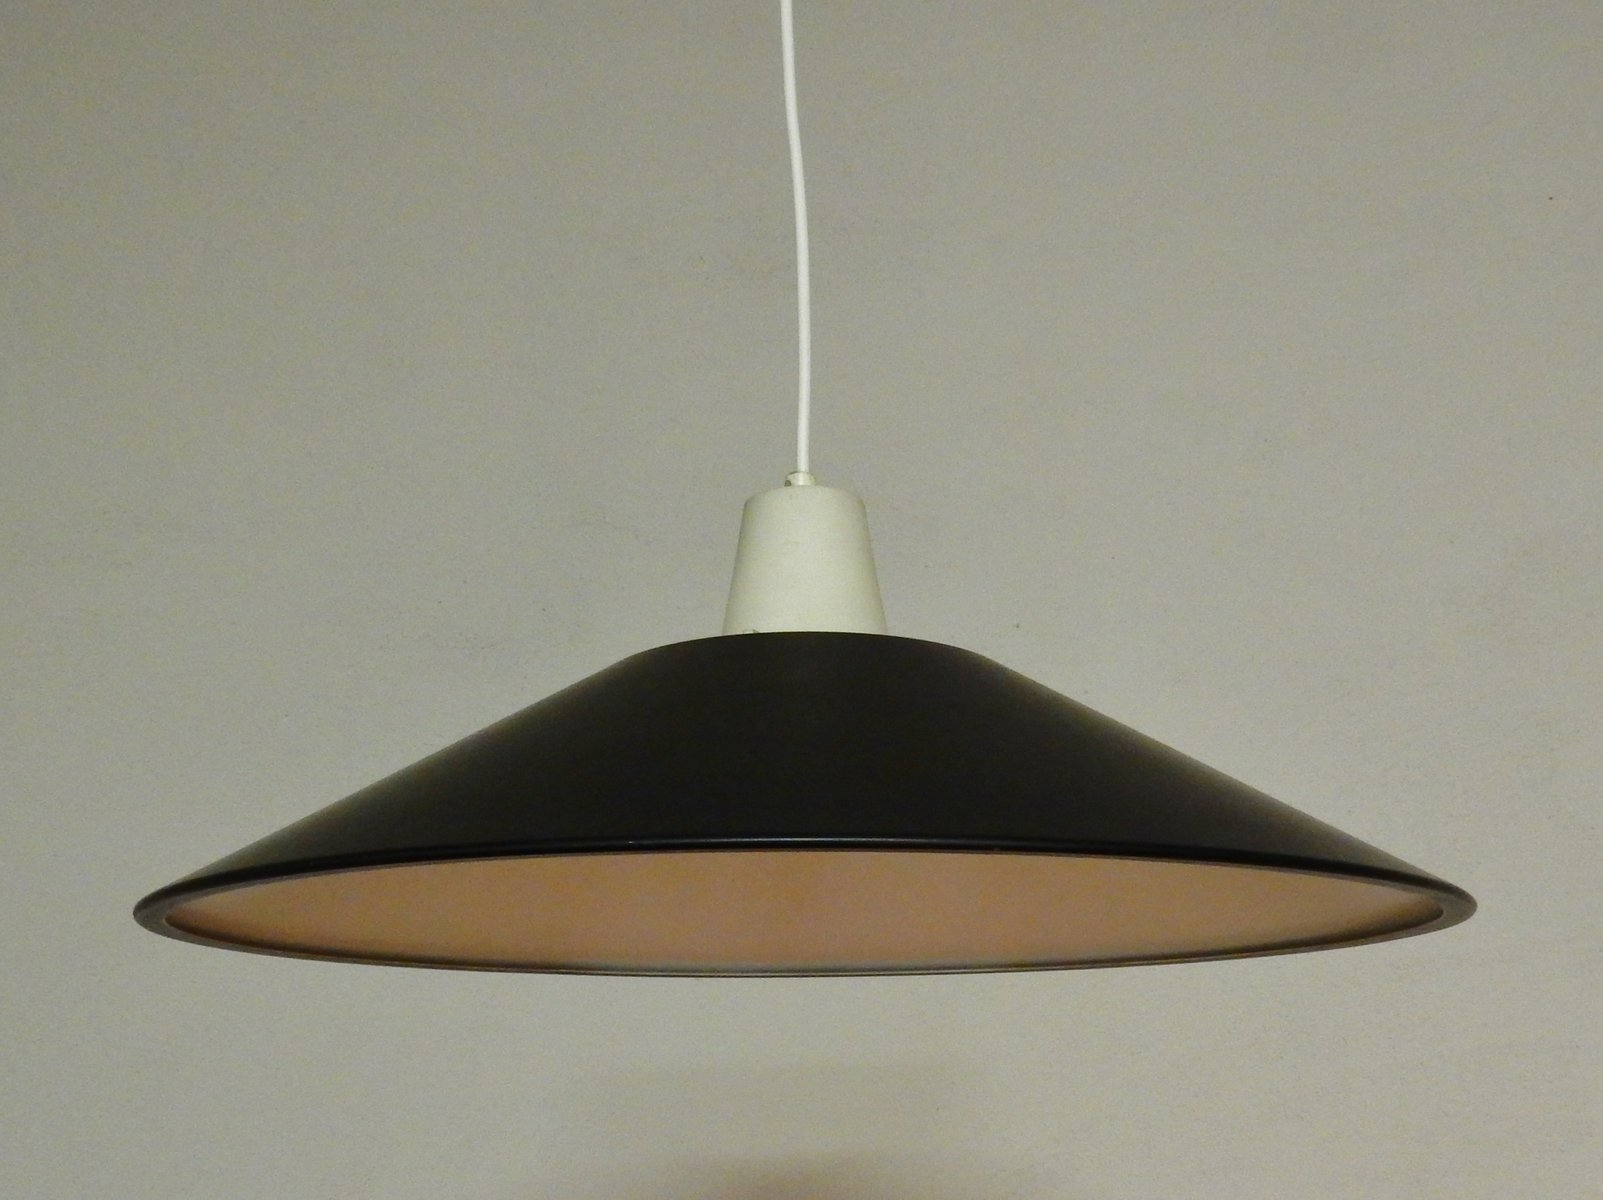 lackierte mid century h ngelampe in schwarz und wei 1950er bei pamono kaufen. Black Bedroom Furniture Sets. Home Design Ideas